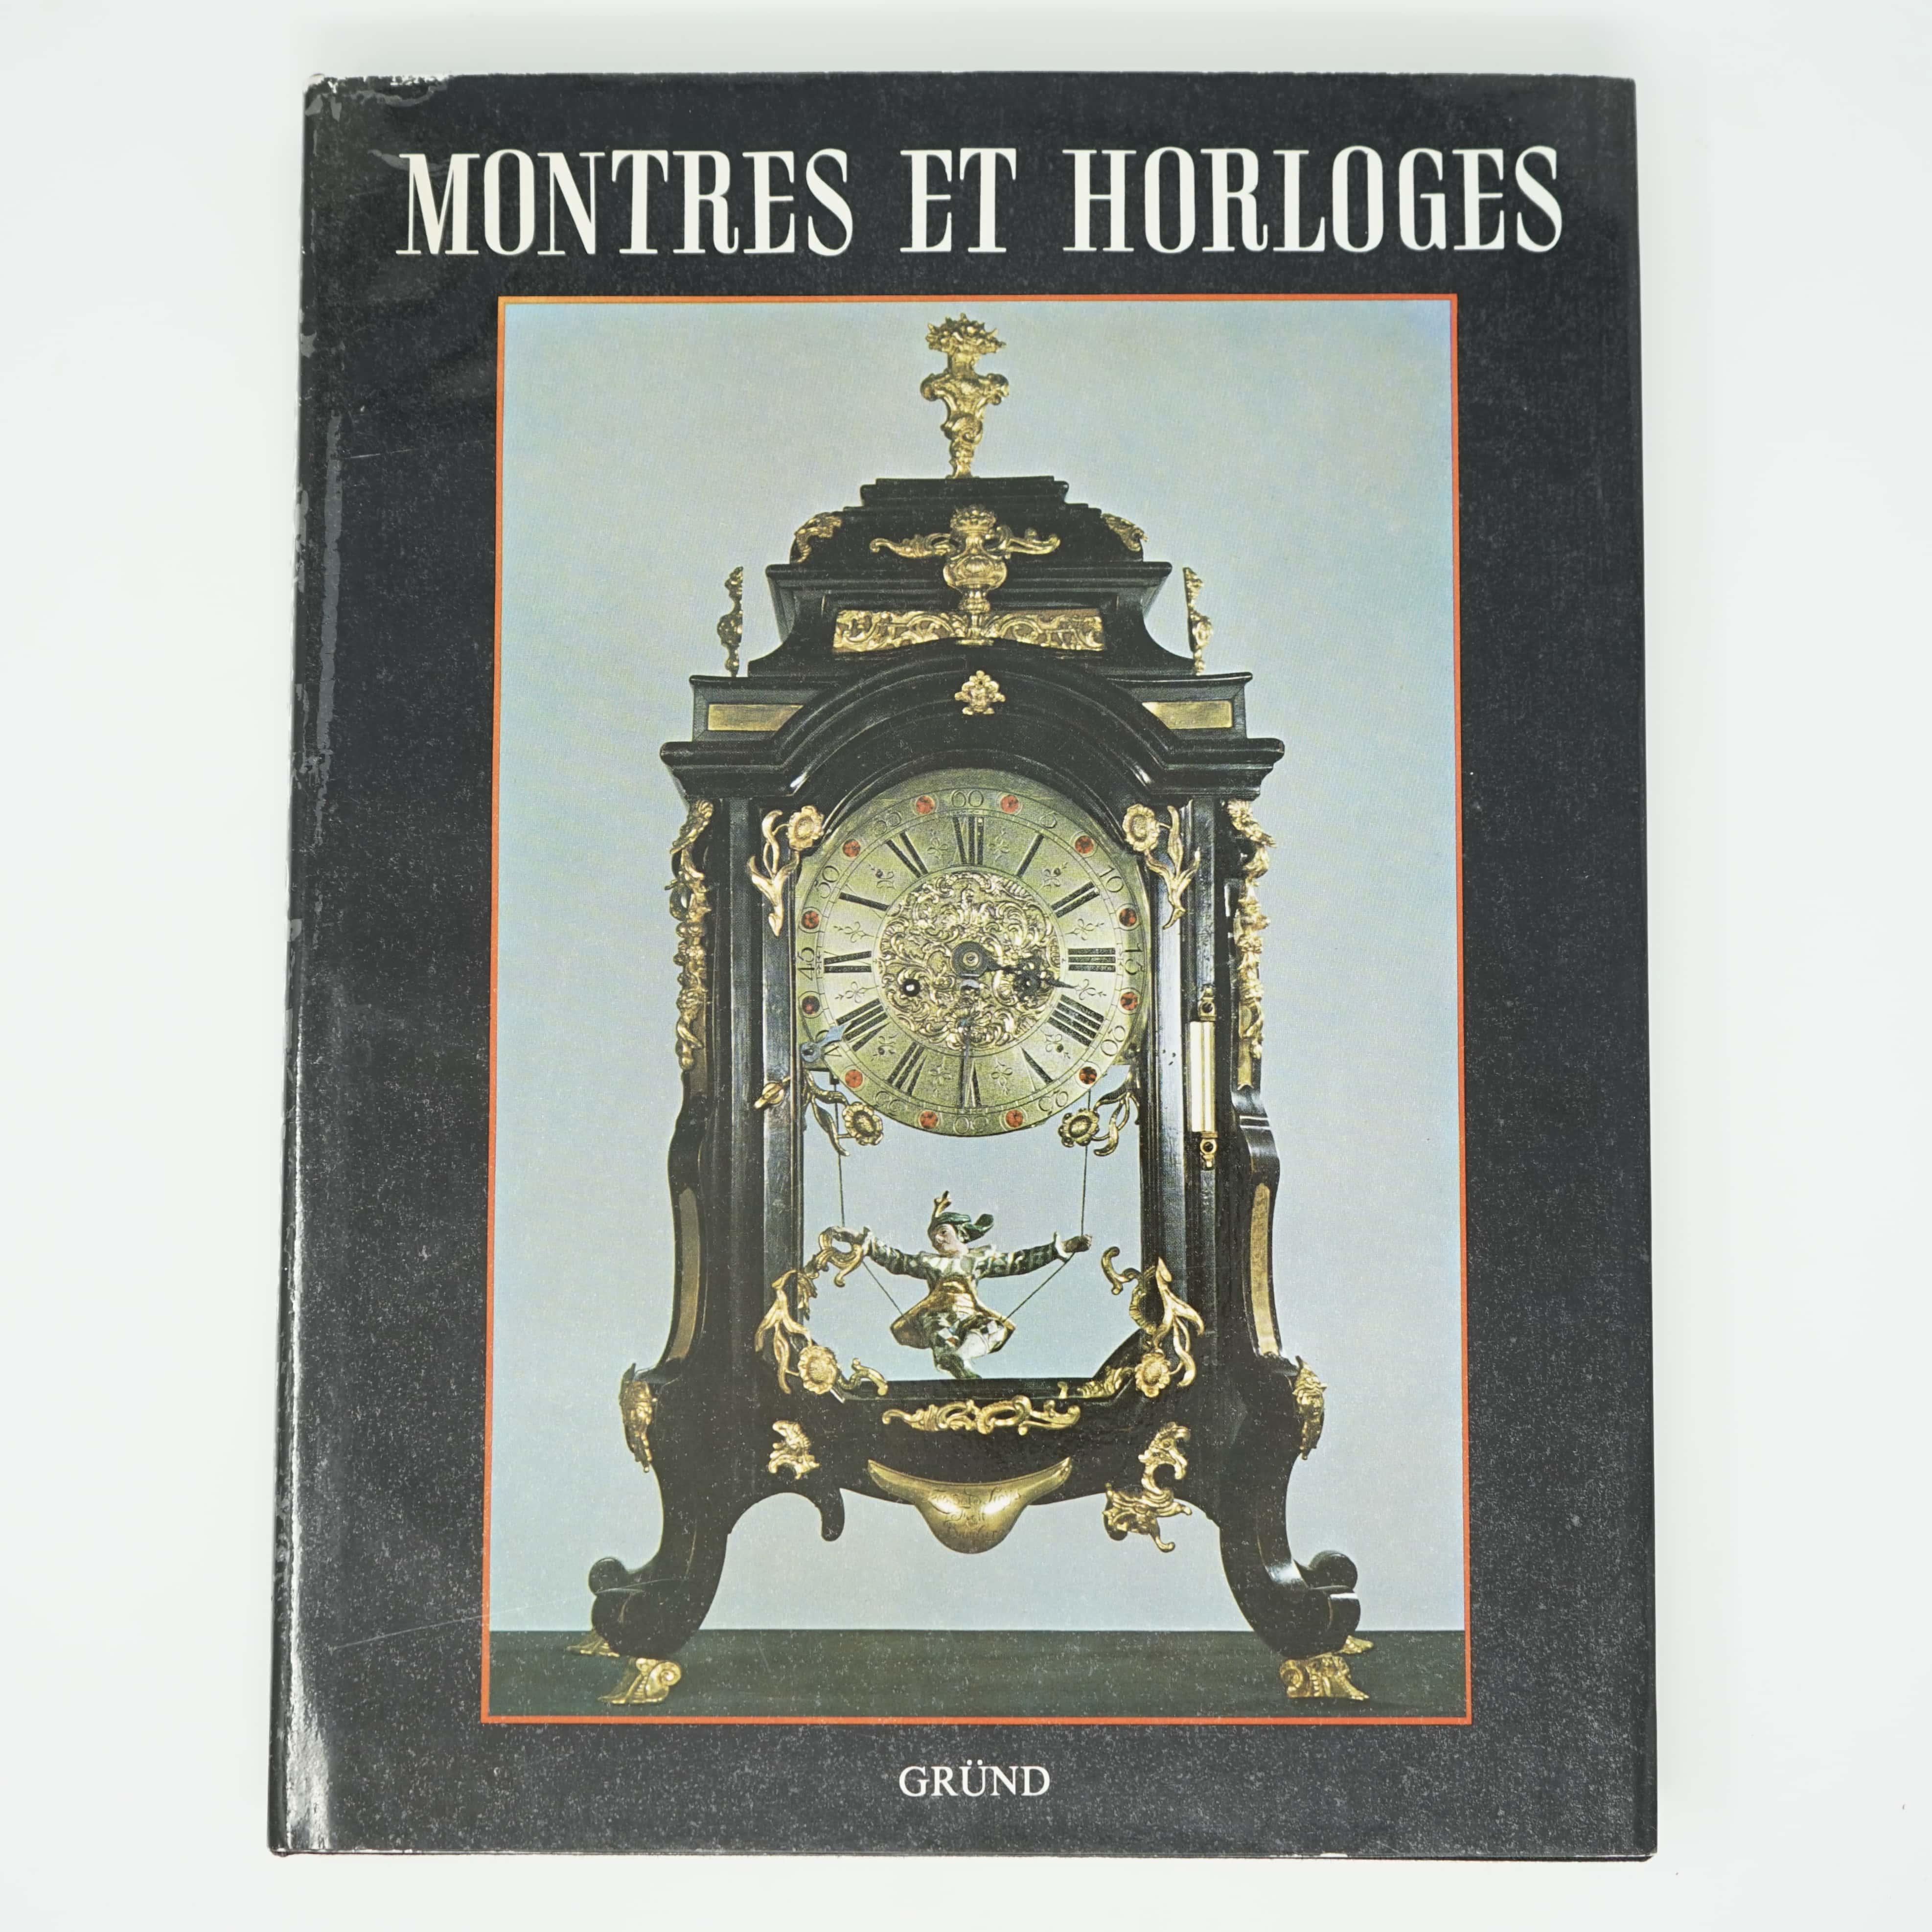 Livre Montres et Horloges Gründ 1986 Couverture